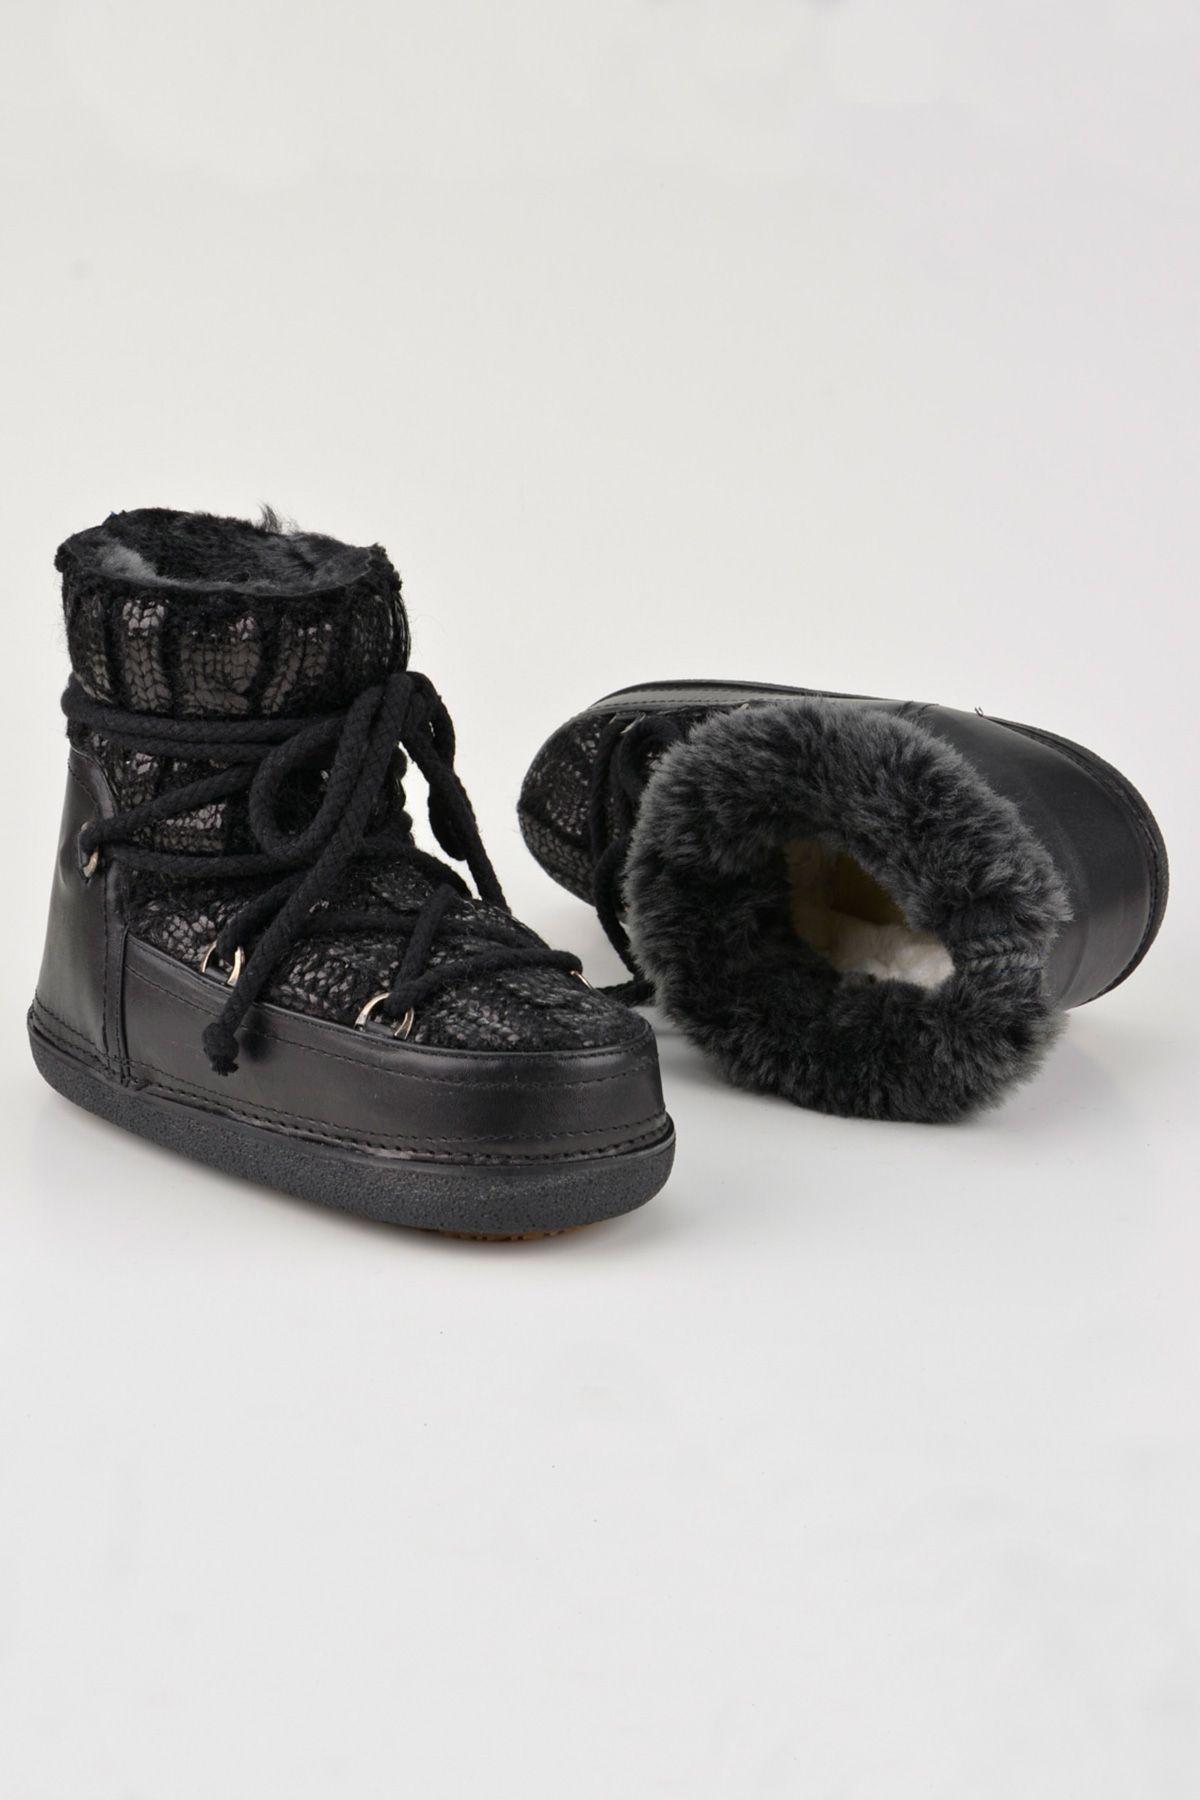 BYMN Hakiki Kürklü Örgü Desen Bayan Kar Botu B351006 Siyah